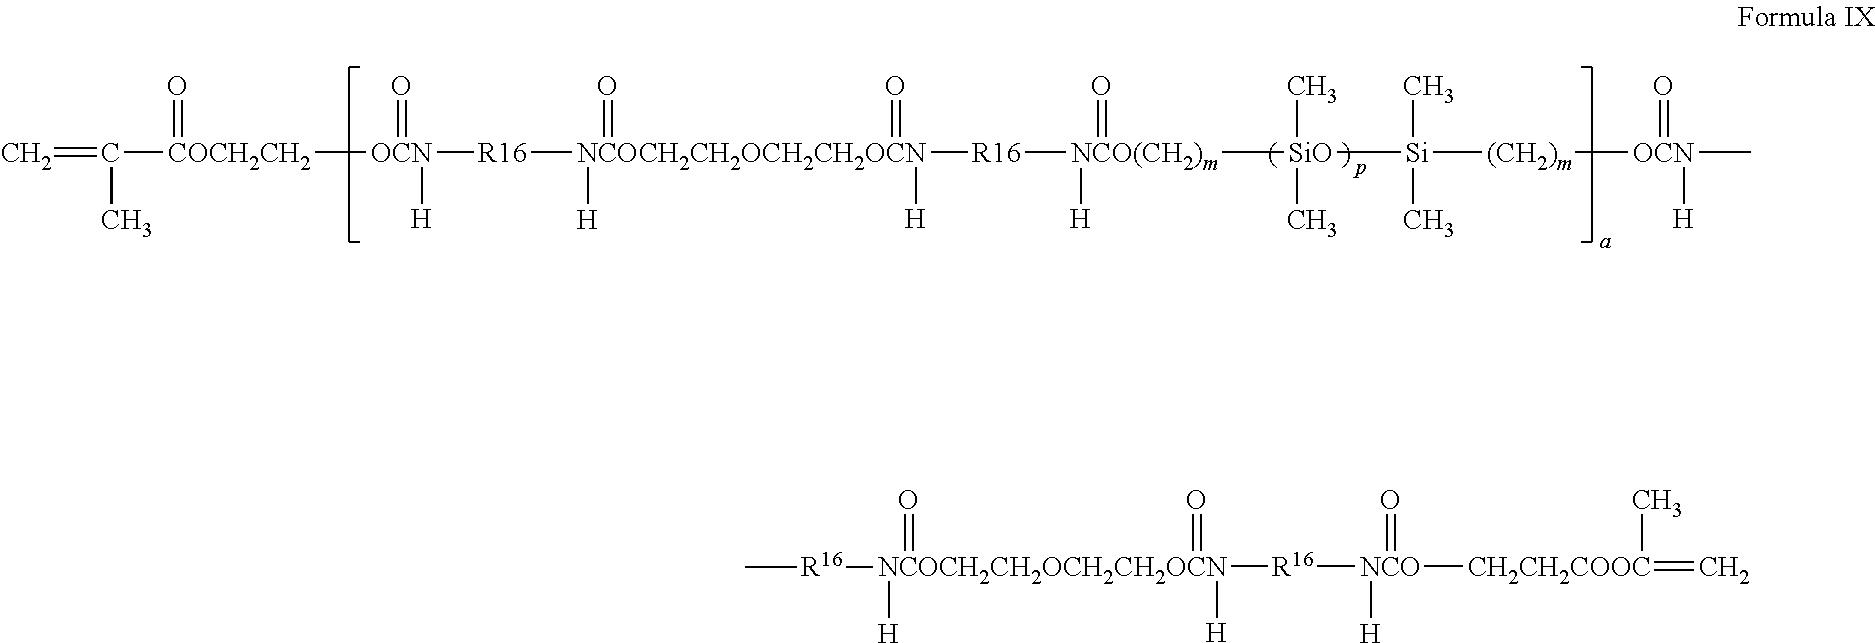 Figure US09233513-20160112-C00006